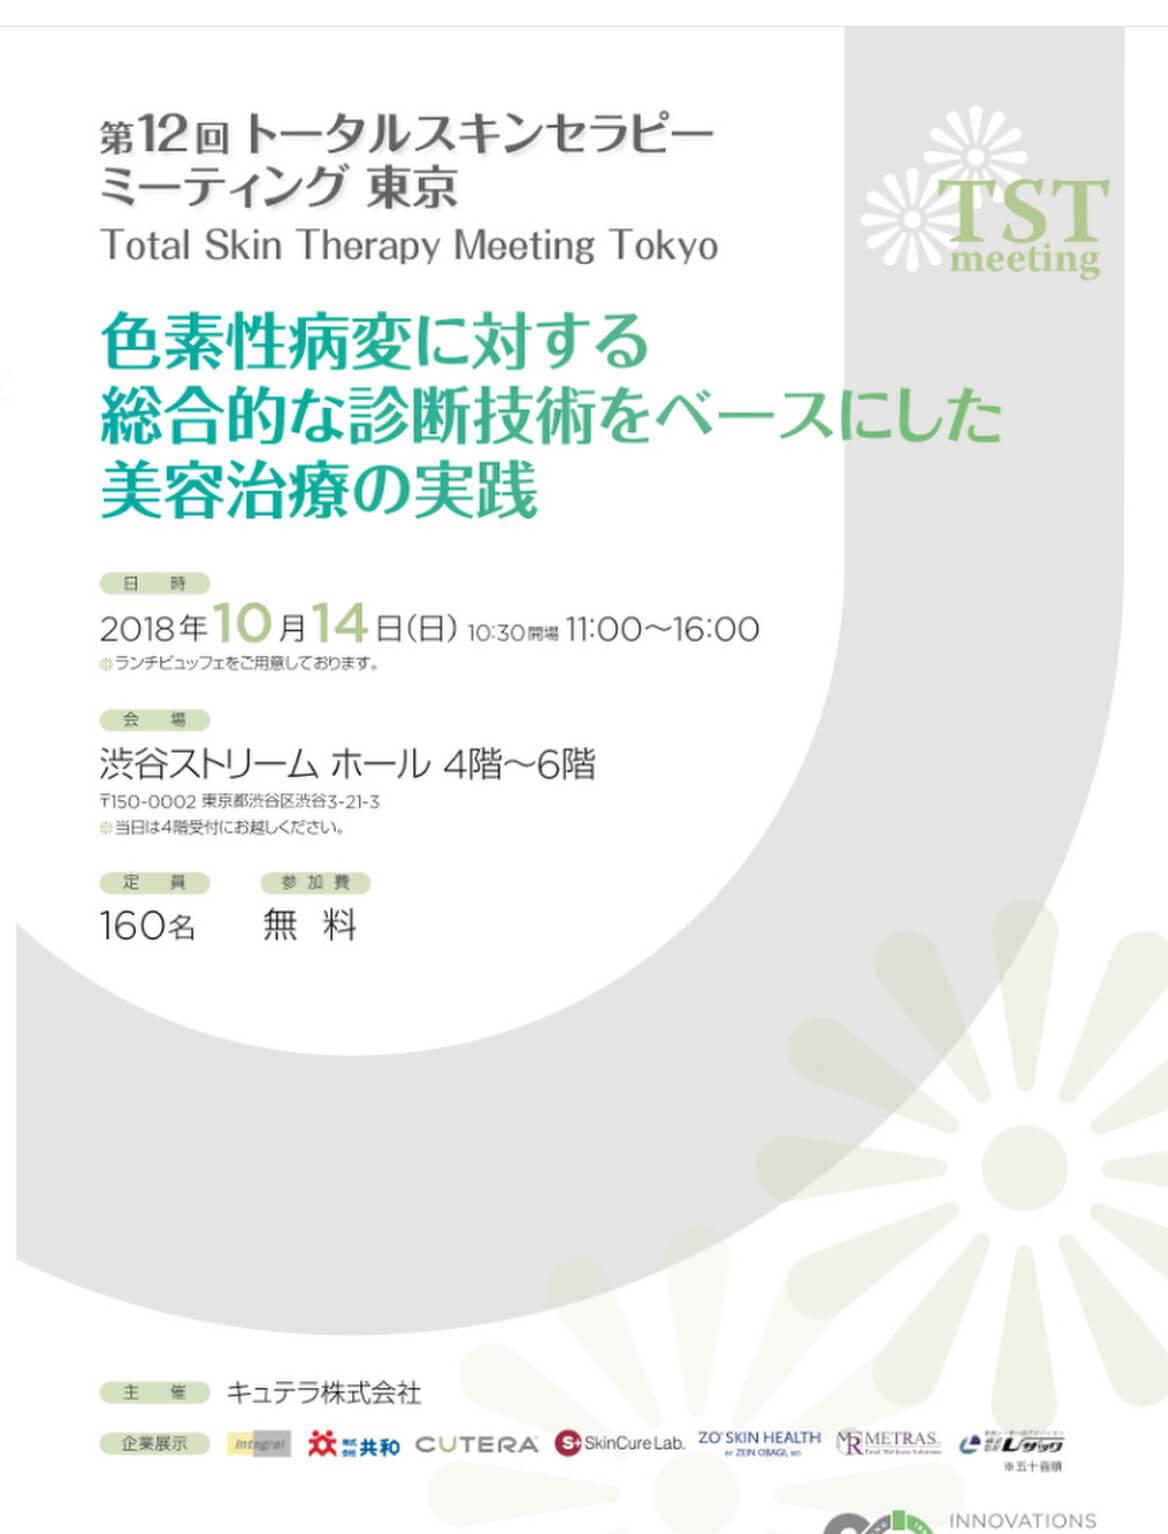 第12回トータルスキンセラピーミーティング講演